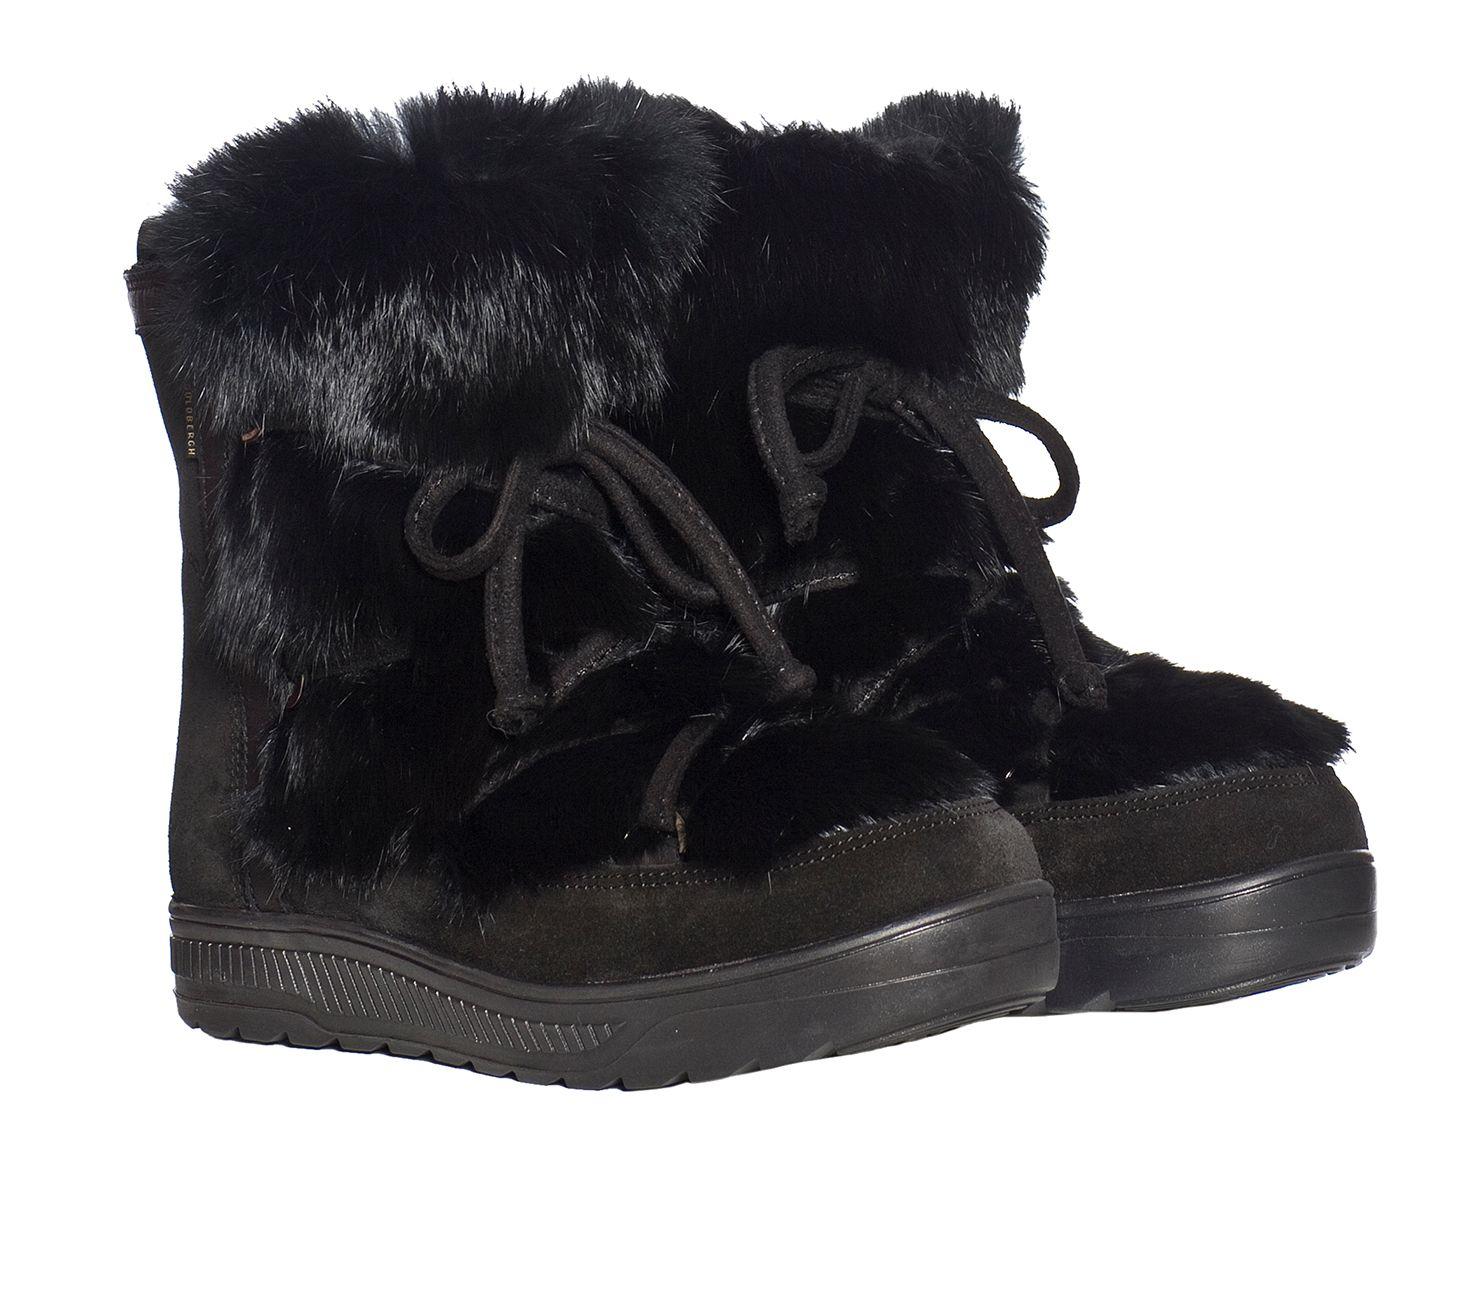 Goldbergh Butsu Boots in Black